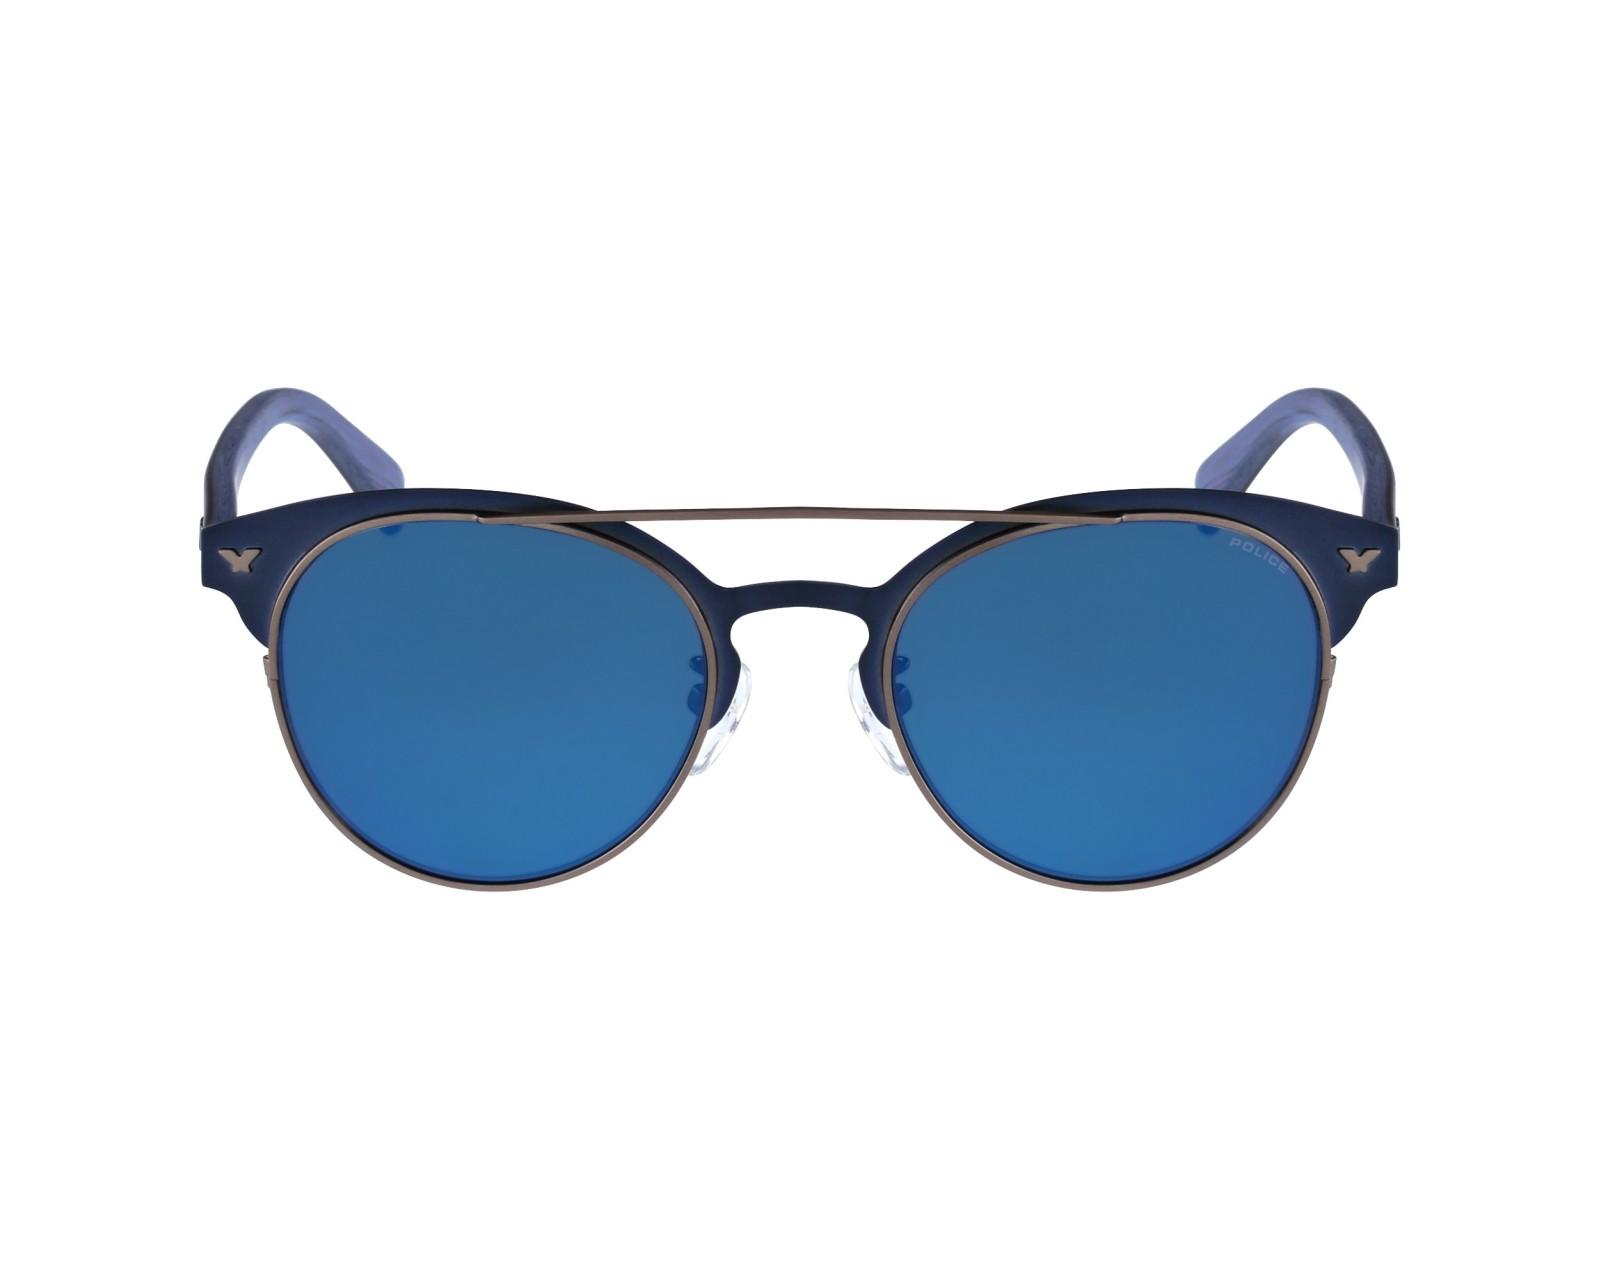 lunettes de soleil police s 8950 8ktb bleu visionet. Black Bedroom Furniture Sets. Home Design Ideas